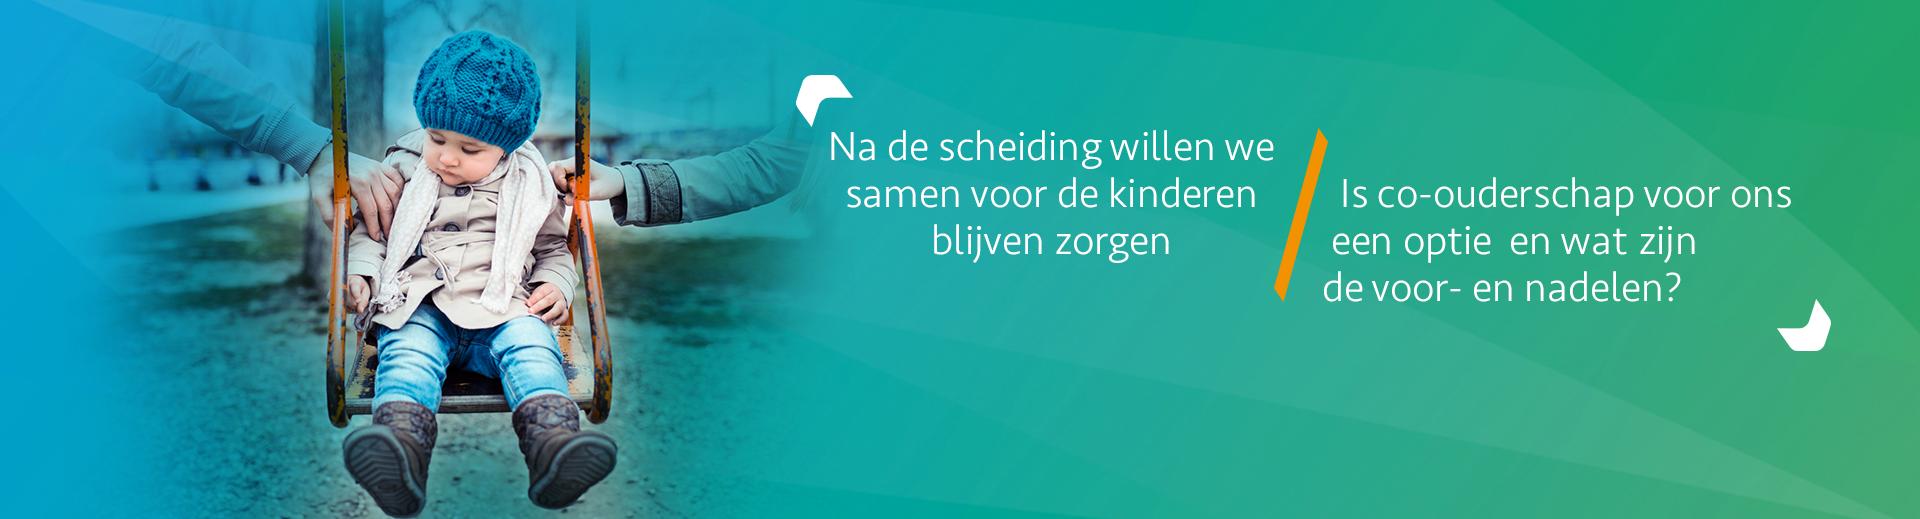 Co-ouderschap na een scheiding, met test - Scheidingsplanner Hoofddorp - Badhoevedorp - Nieuw-Vennep